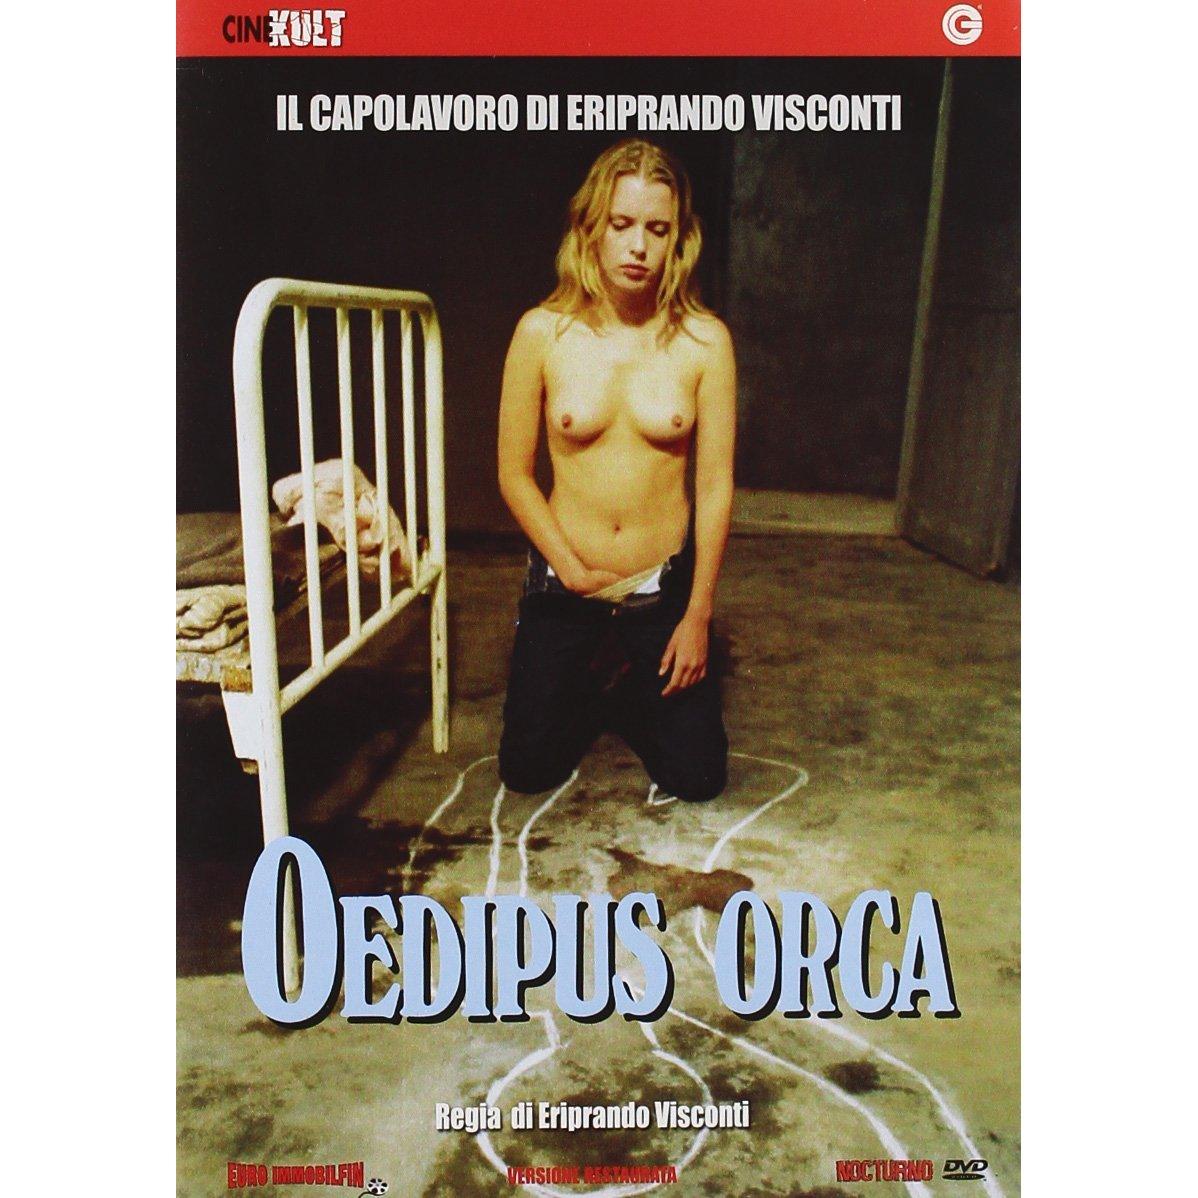 Oedipus orca , porno cu subtitrare romana , filme porno , muie , pizda , cur , porno cu romance , orgasm ,